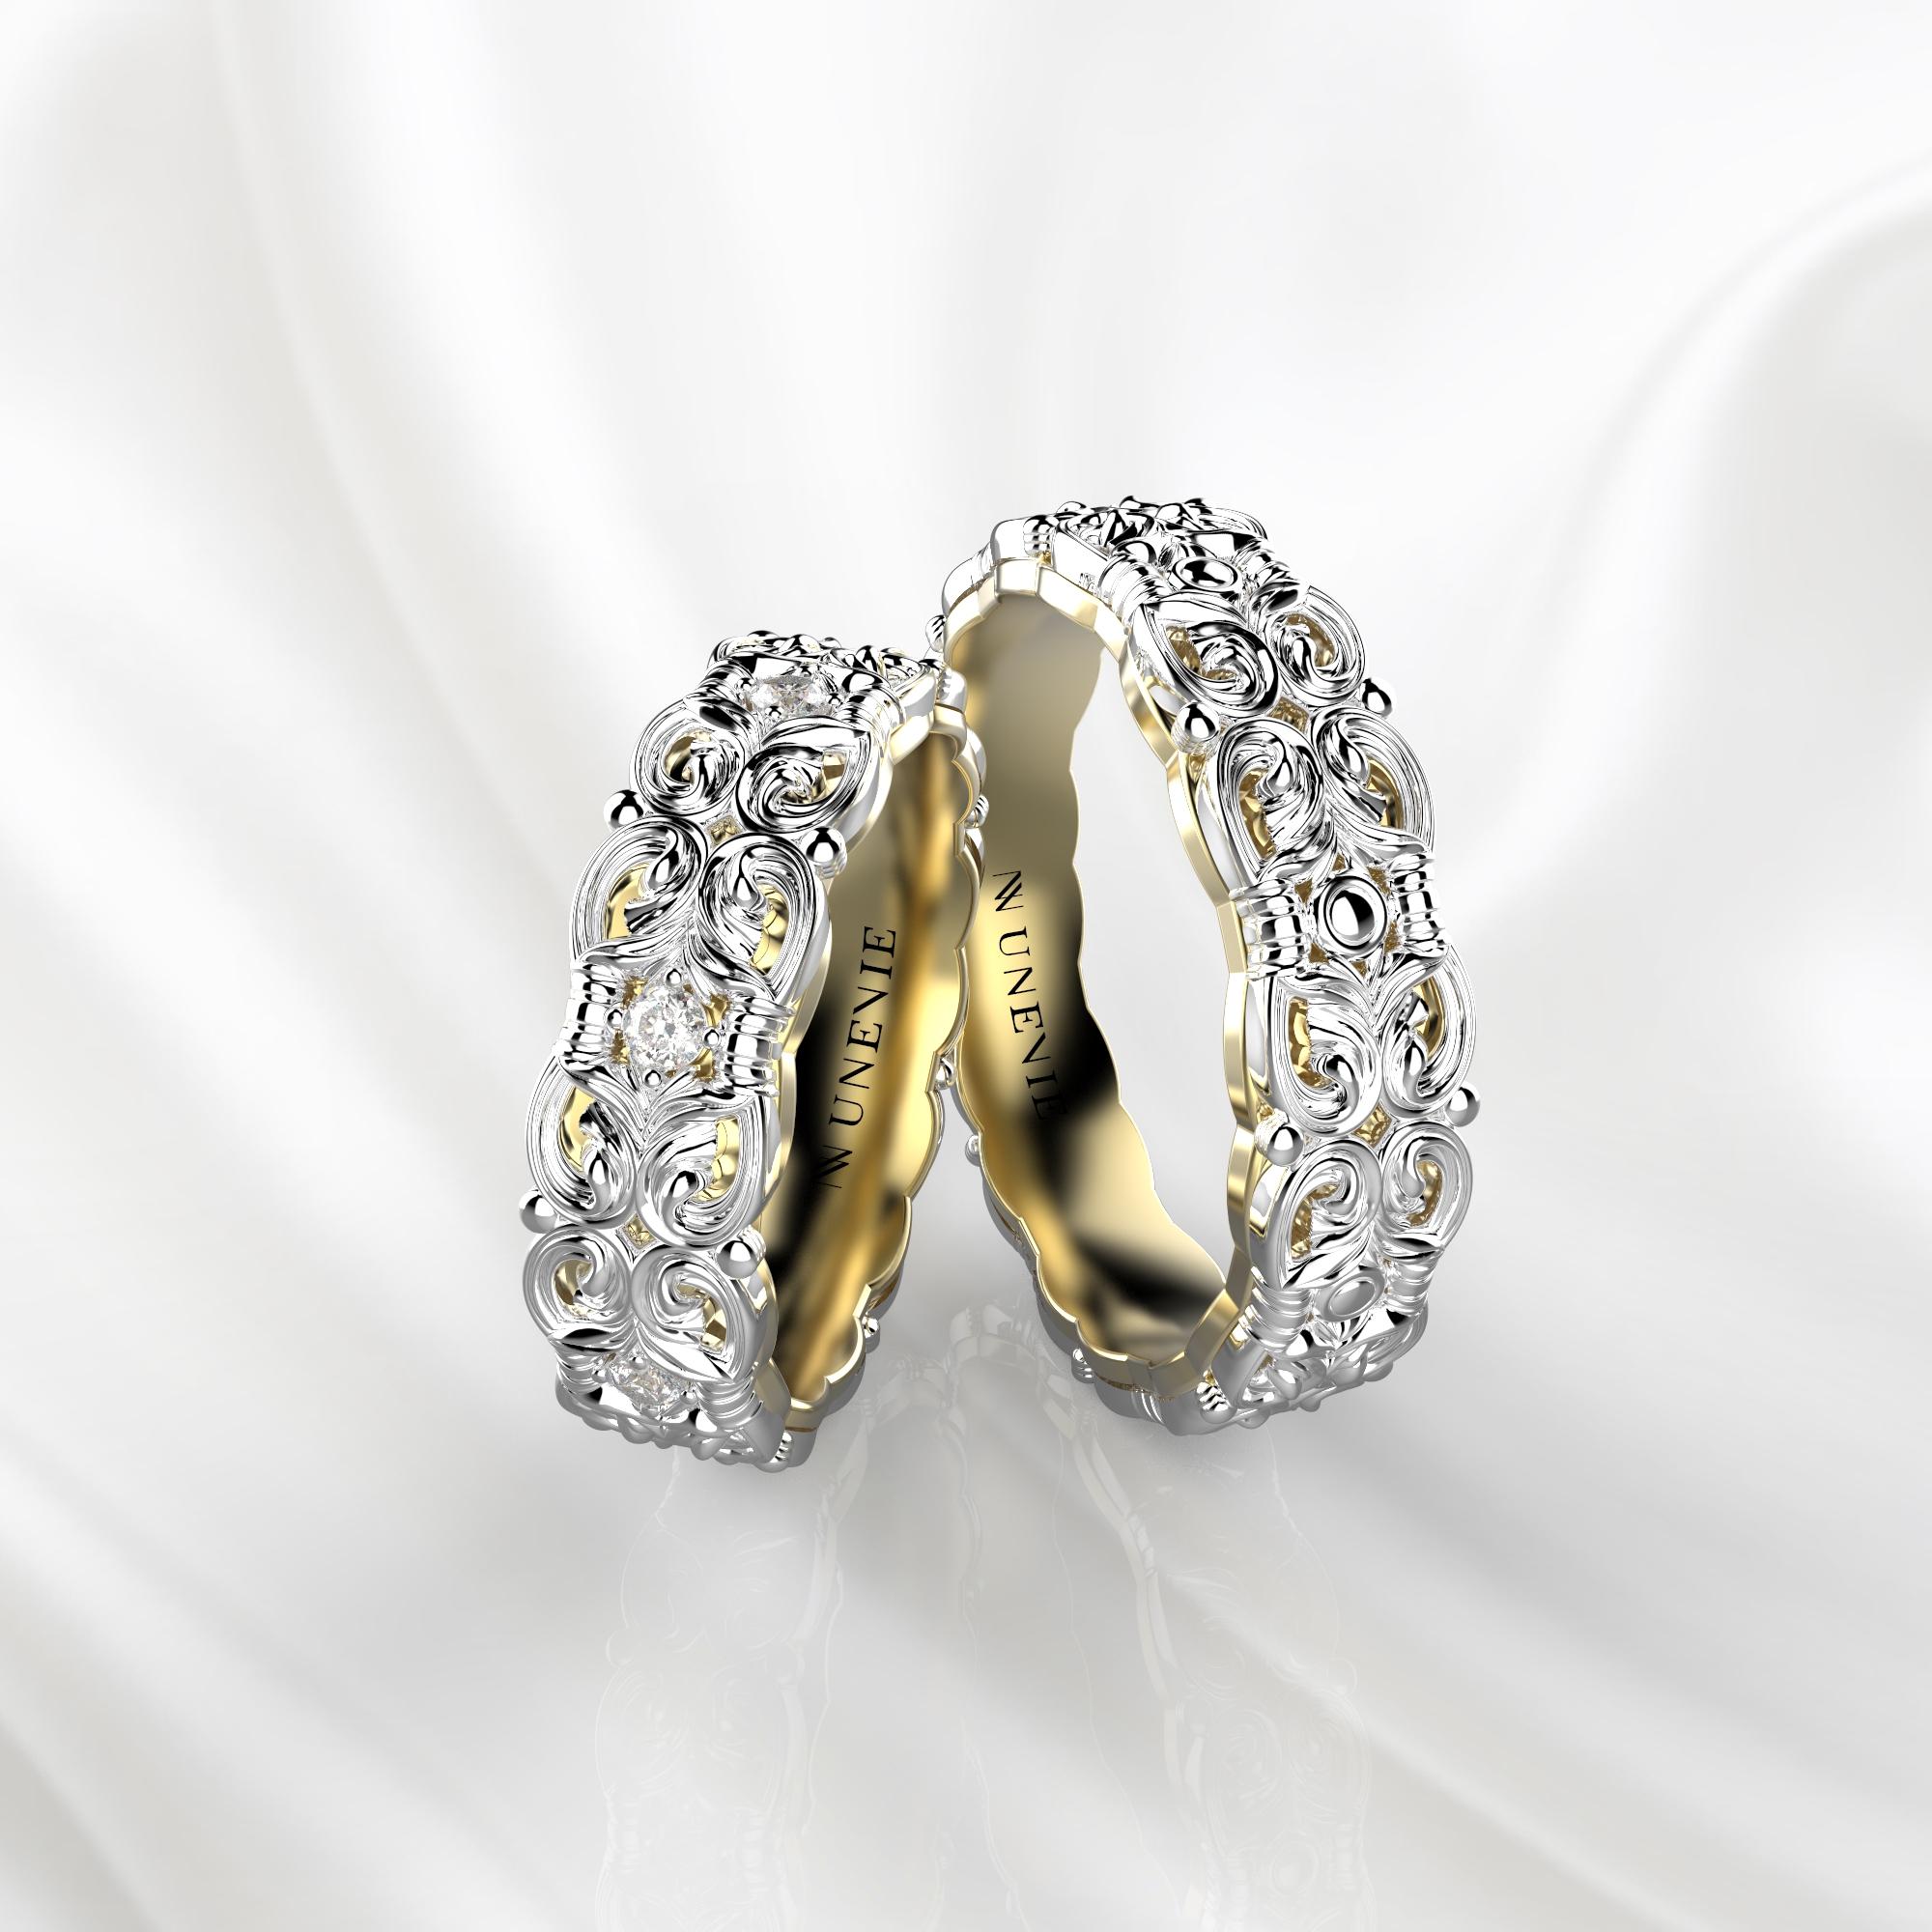 NV67 Парные обручальные кольца из бело-желтого золота с бриллиантами